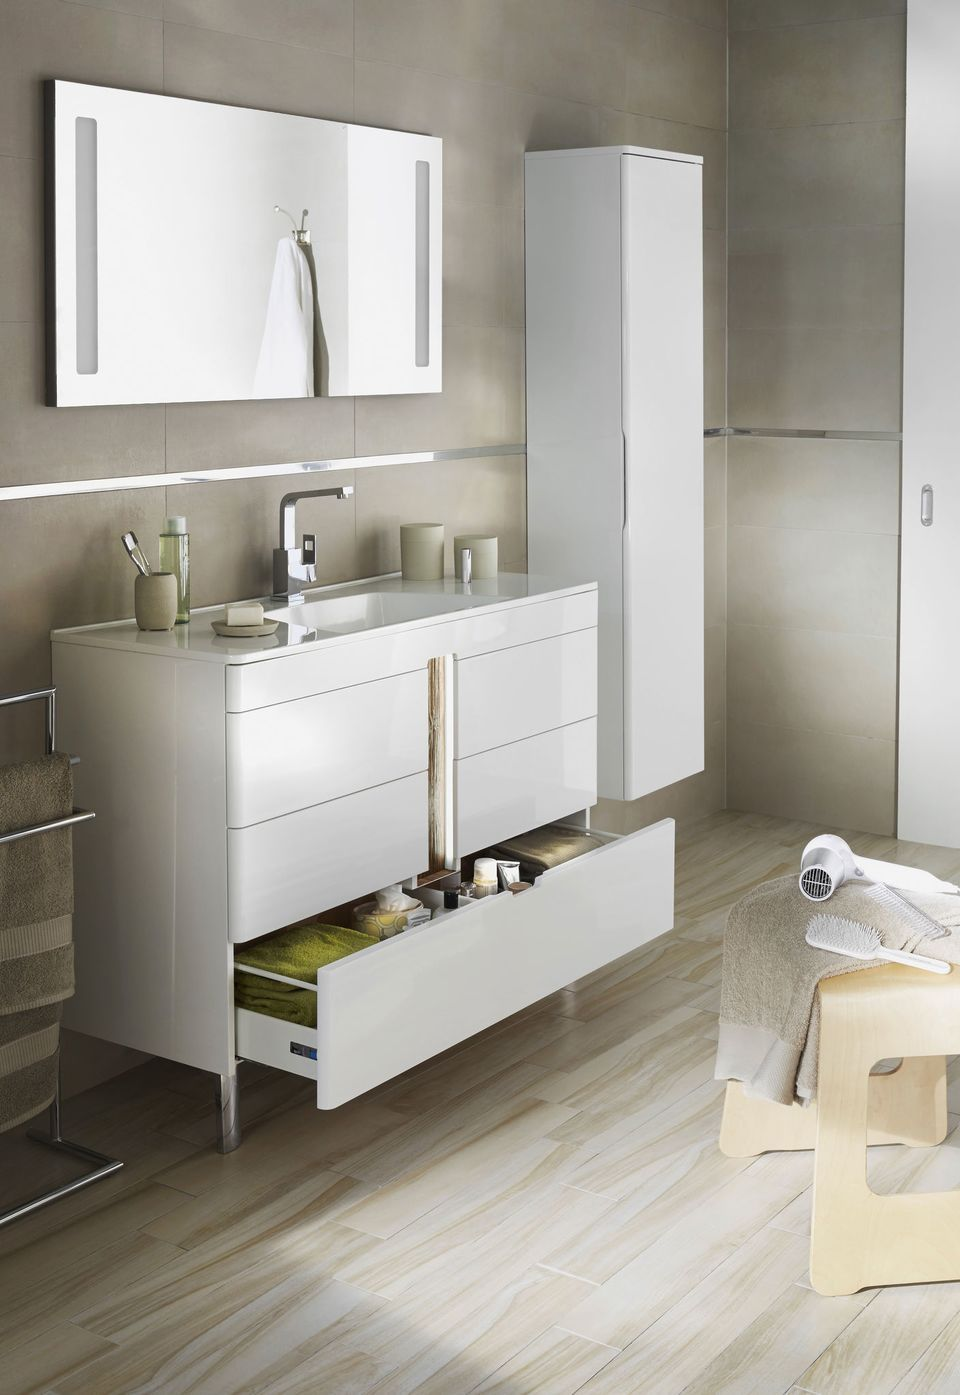 Salle de bains Lapeyre : les nouveaux meubles de salle de bains